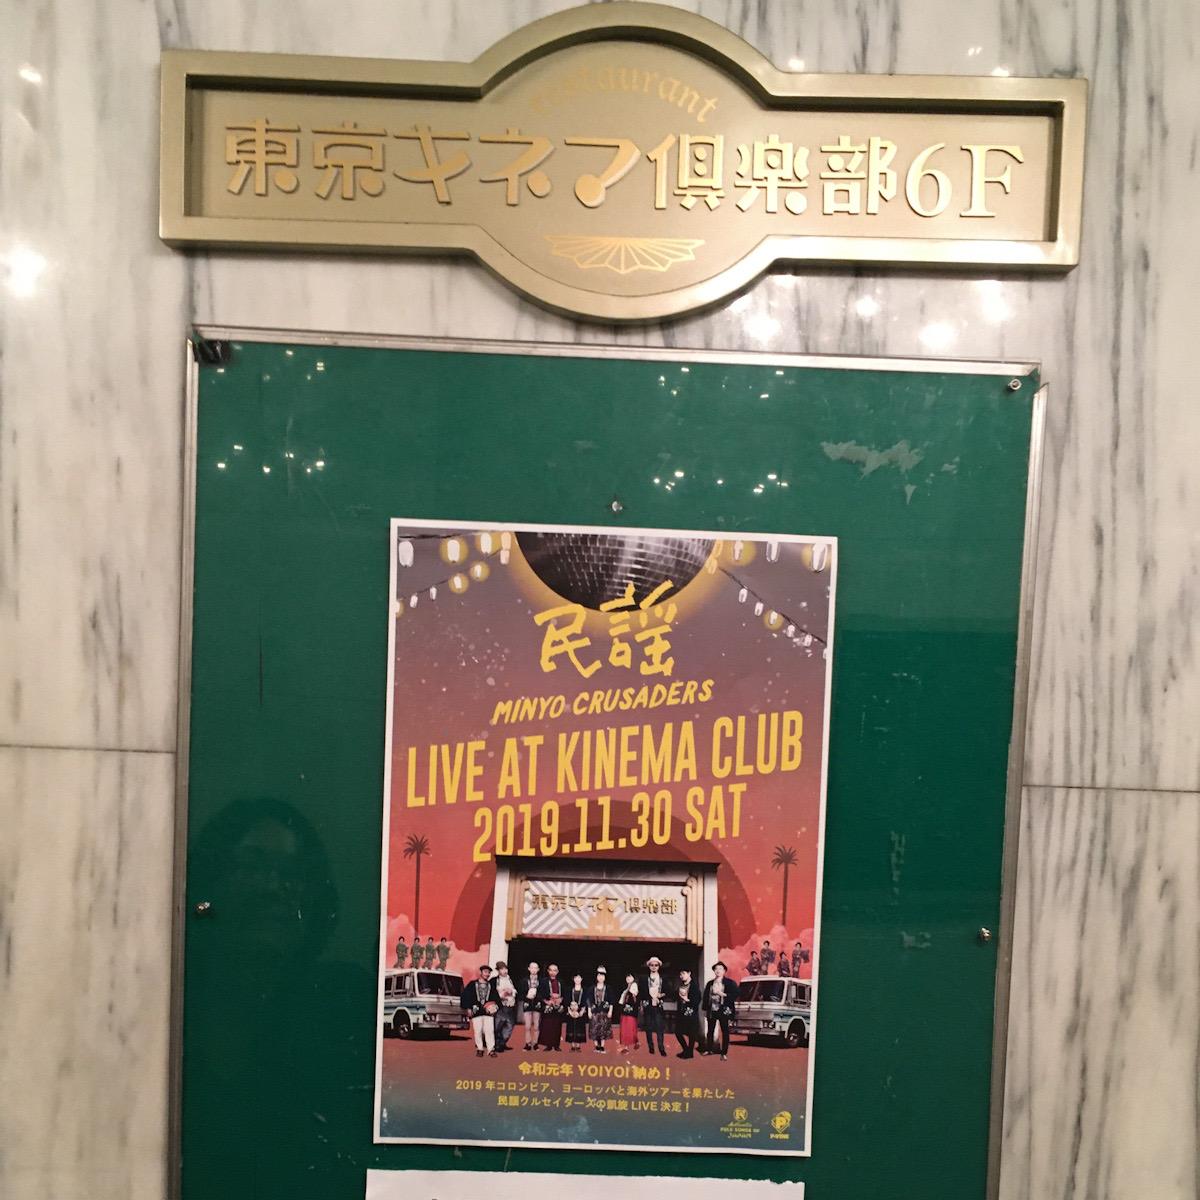 民謡クルセイダーズのライブを観に、東京キネマ倶楽部に行ってきた!